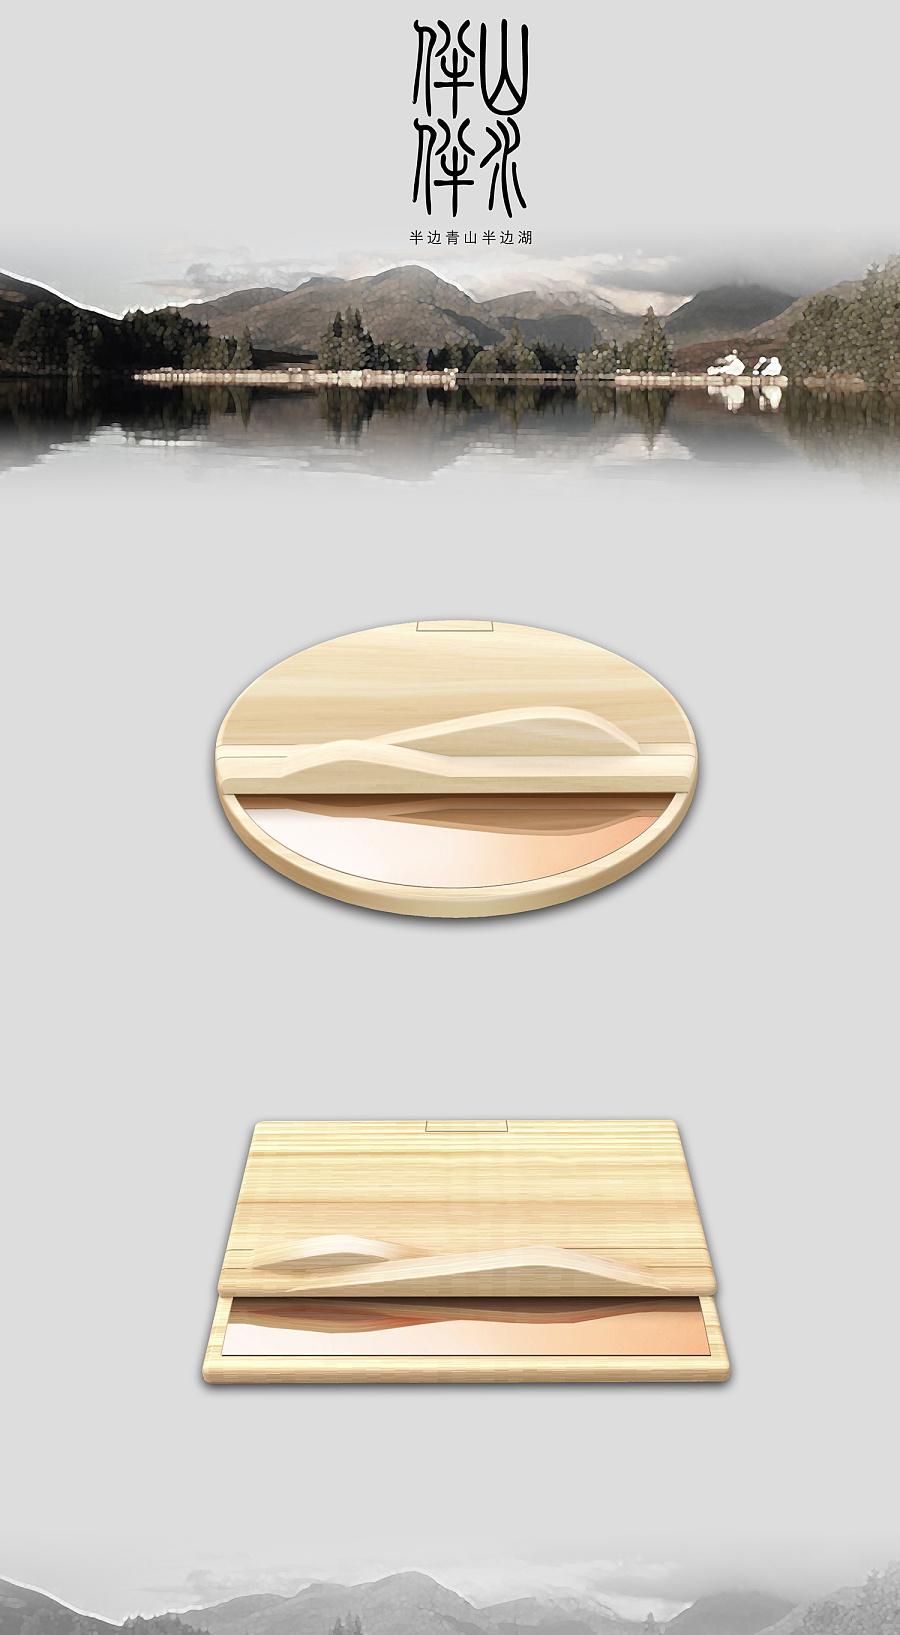 查看《伴山伴水》原图,原图尺寸:1500x2725